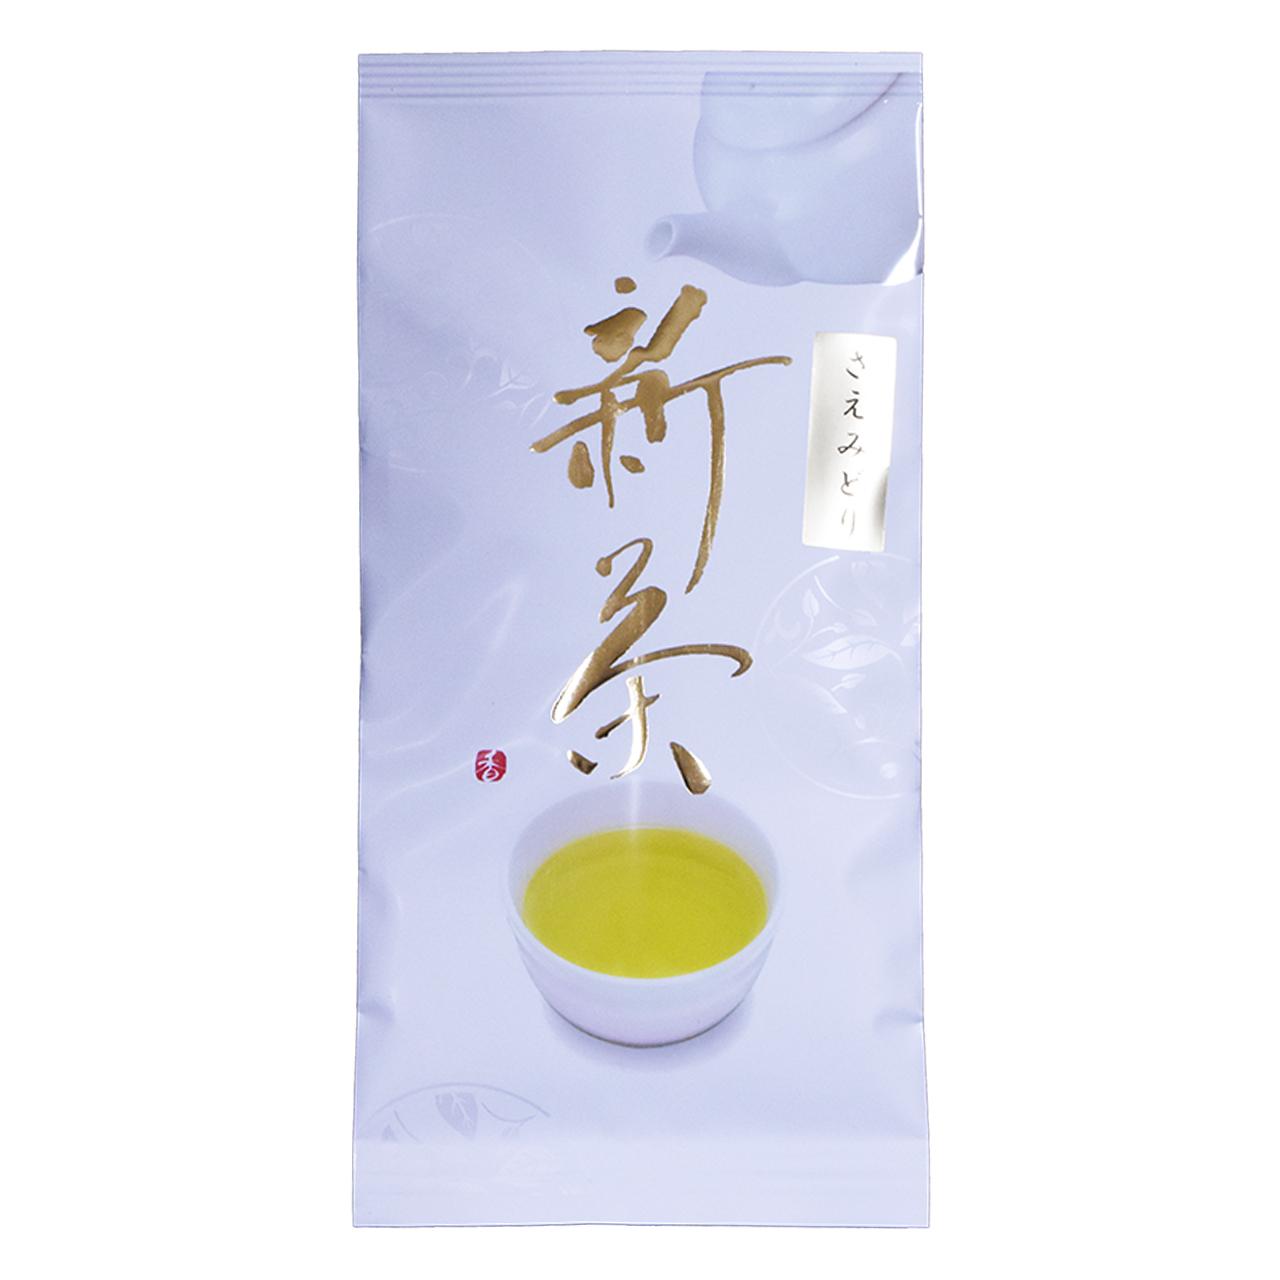 新茶 お茶 緑茶 お茶の葉 さえみどり 100g 1袋 鹿児島 小牧緑峰園